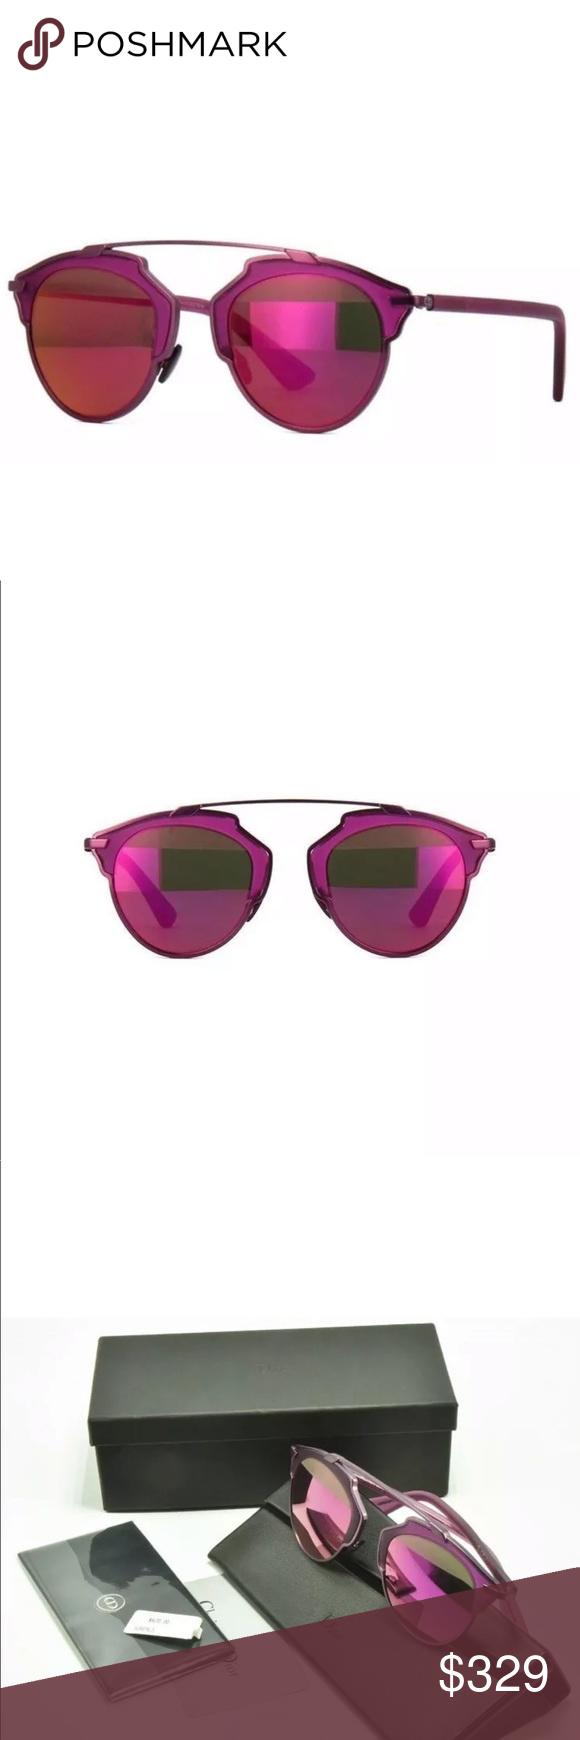 db3b190aaa0 Dior So Real Sunglasses Violet RMT Fuchsia Pink Christian Dior So Real S  Sunglasses